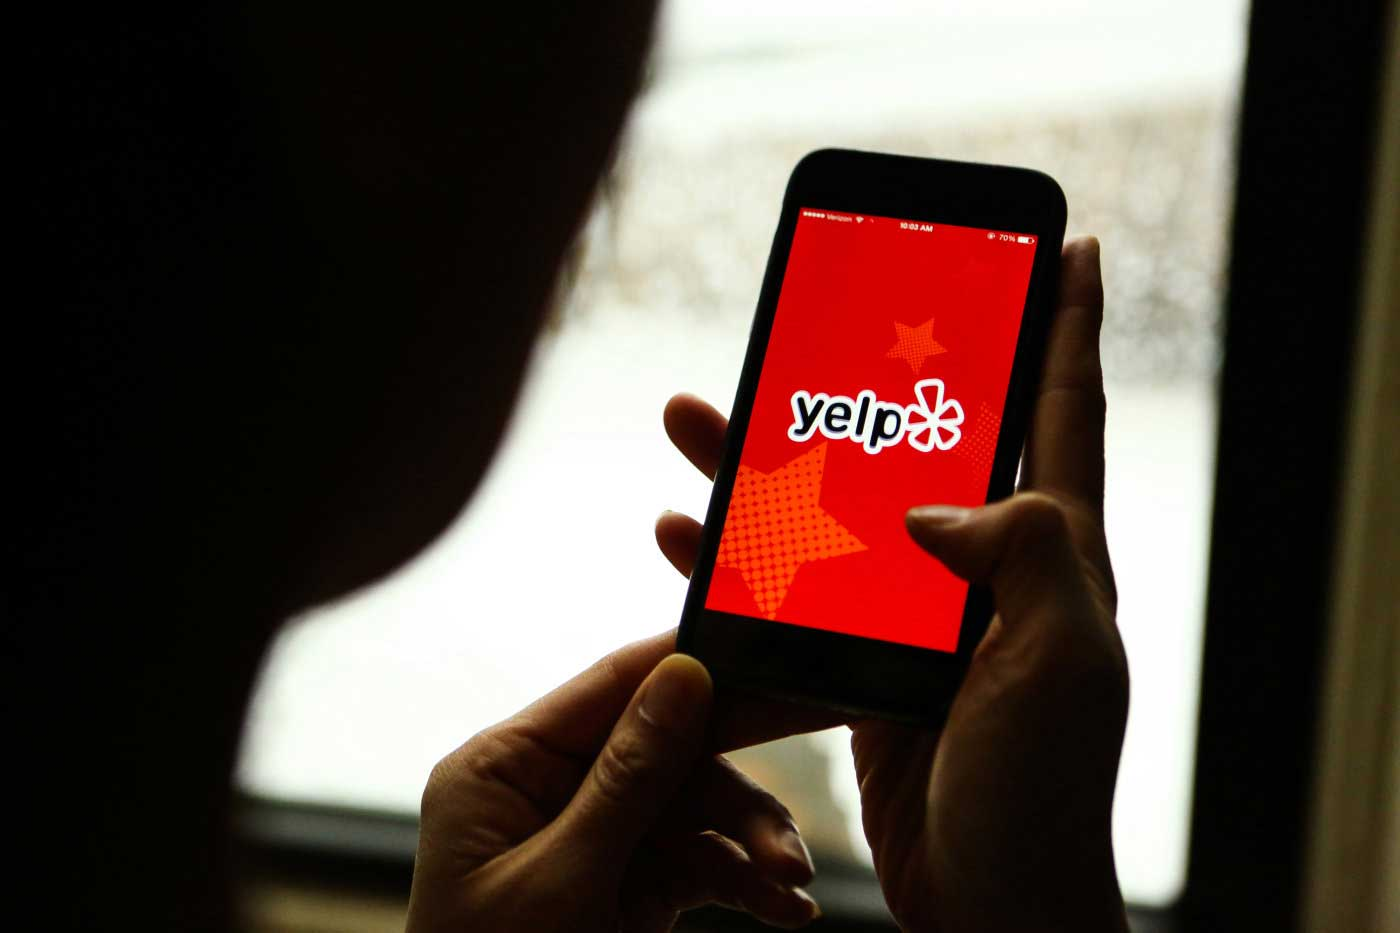 Yelp Mobile Ads